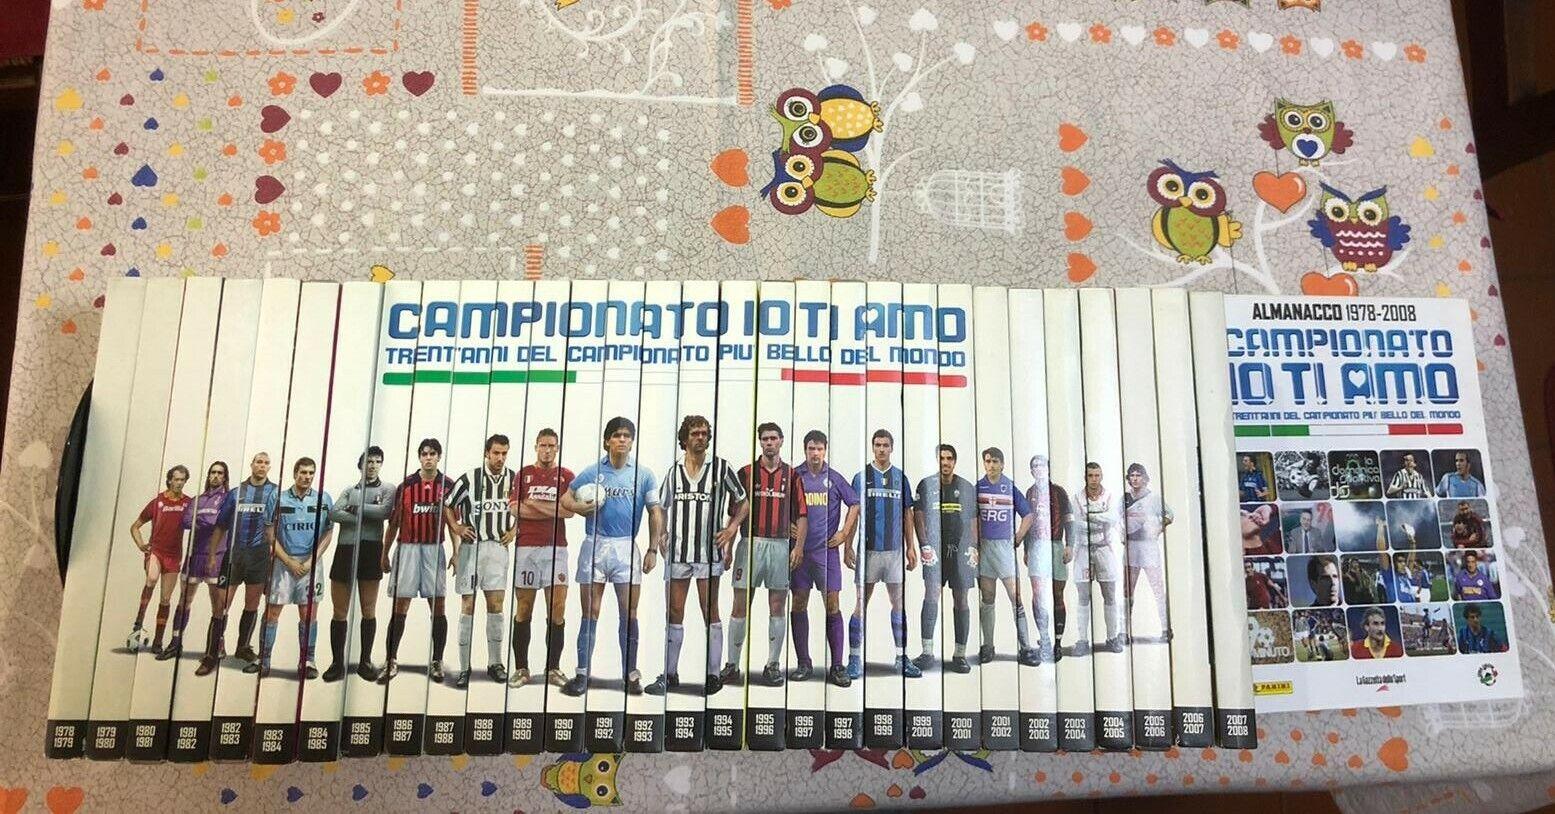 Campionato io ti amo - Annunci in tutta Italia - Kijiji: Annunci di eBay